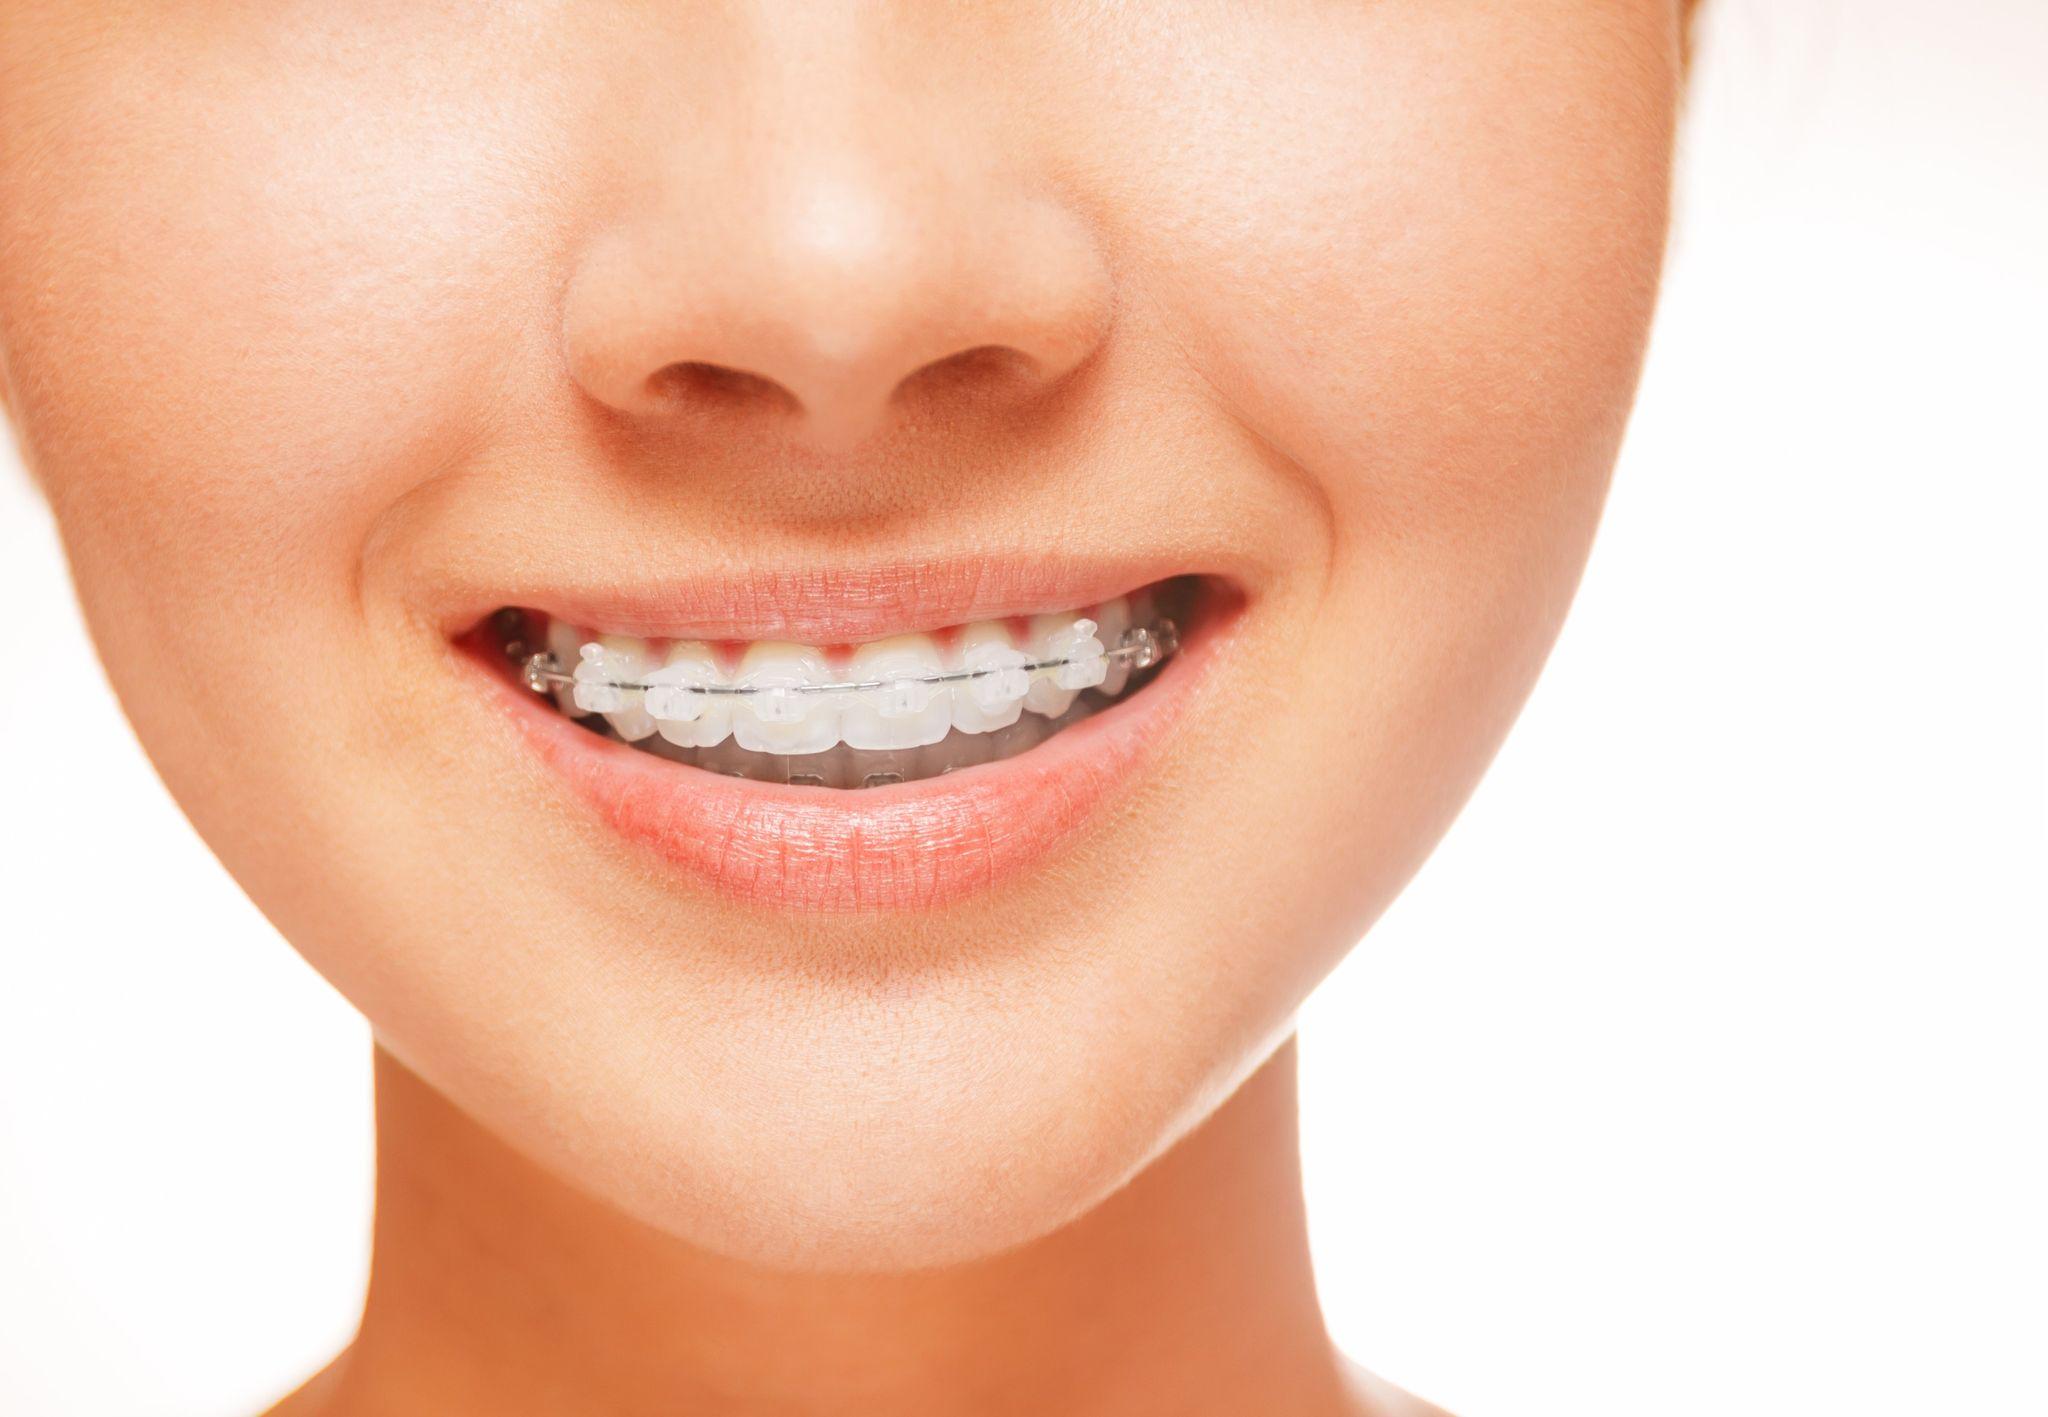 Невидимото бижу на красивата усмивка! Красива усмивка в ортодонтска клиника ОртоСмайл. Лечение на криви зъби с новите ортодонтски апарати, брекети и системи алайнери!